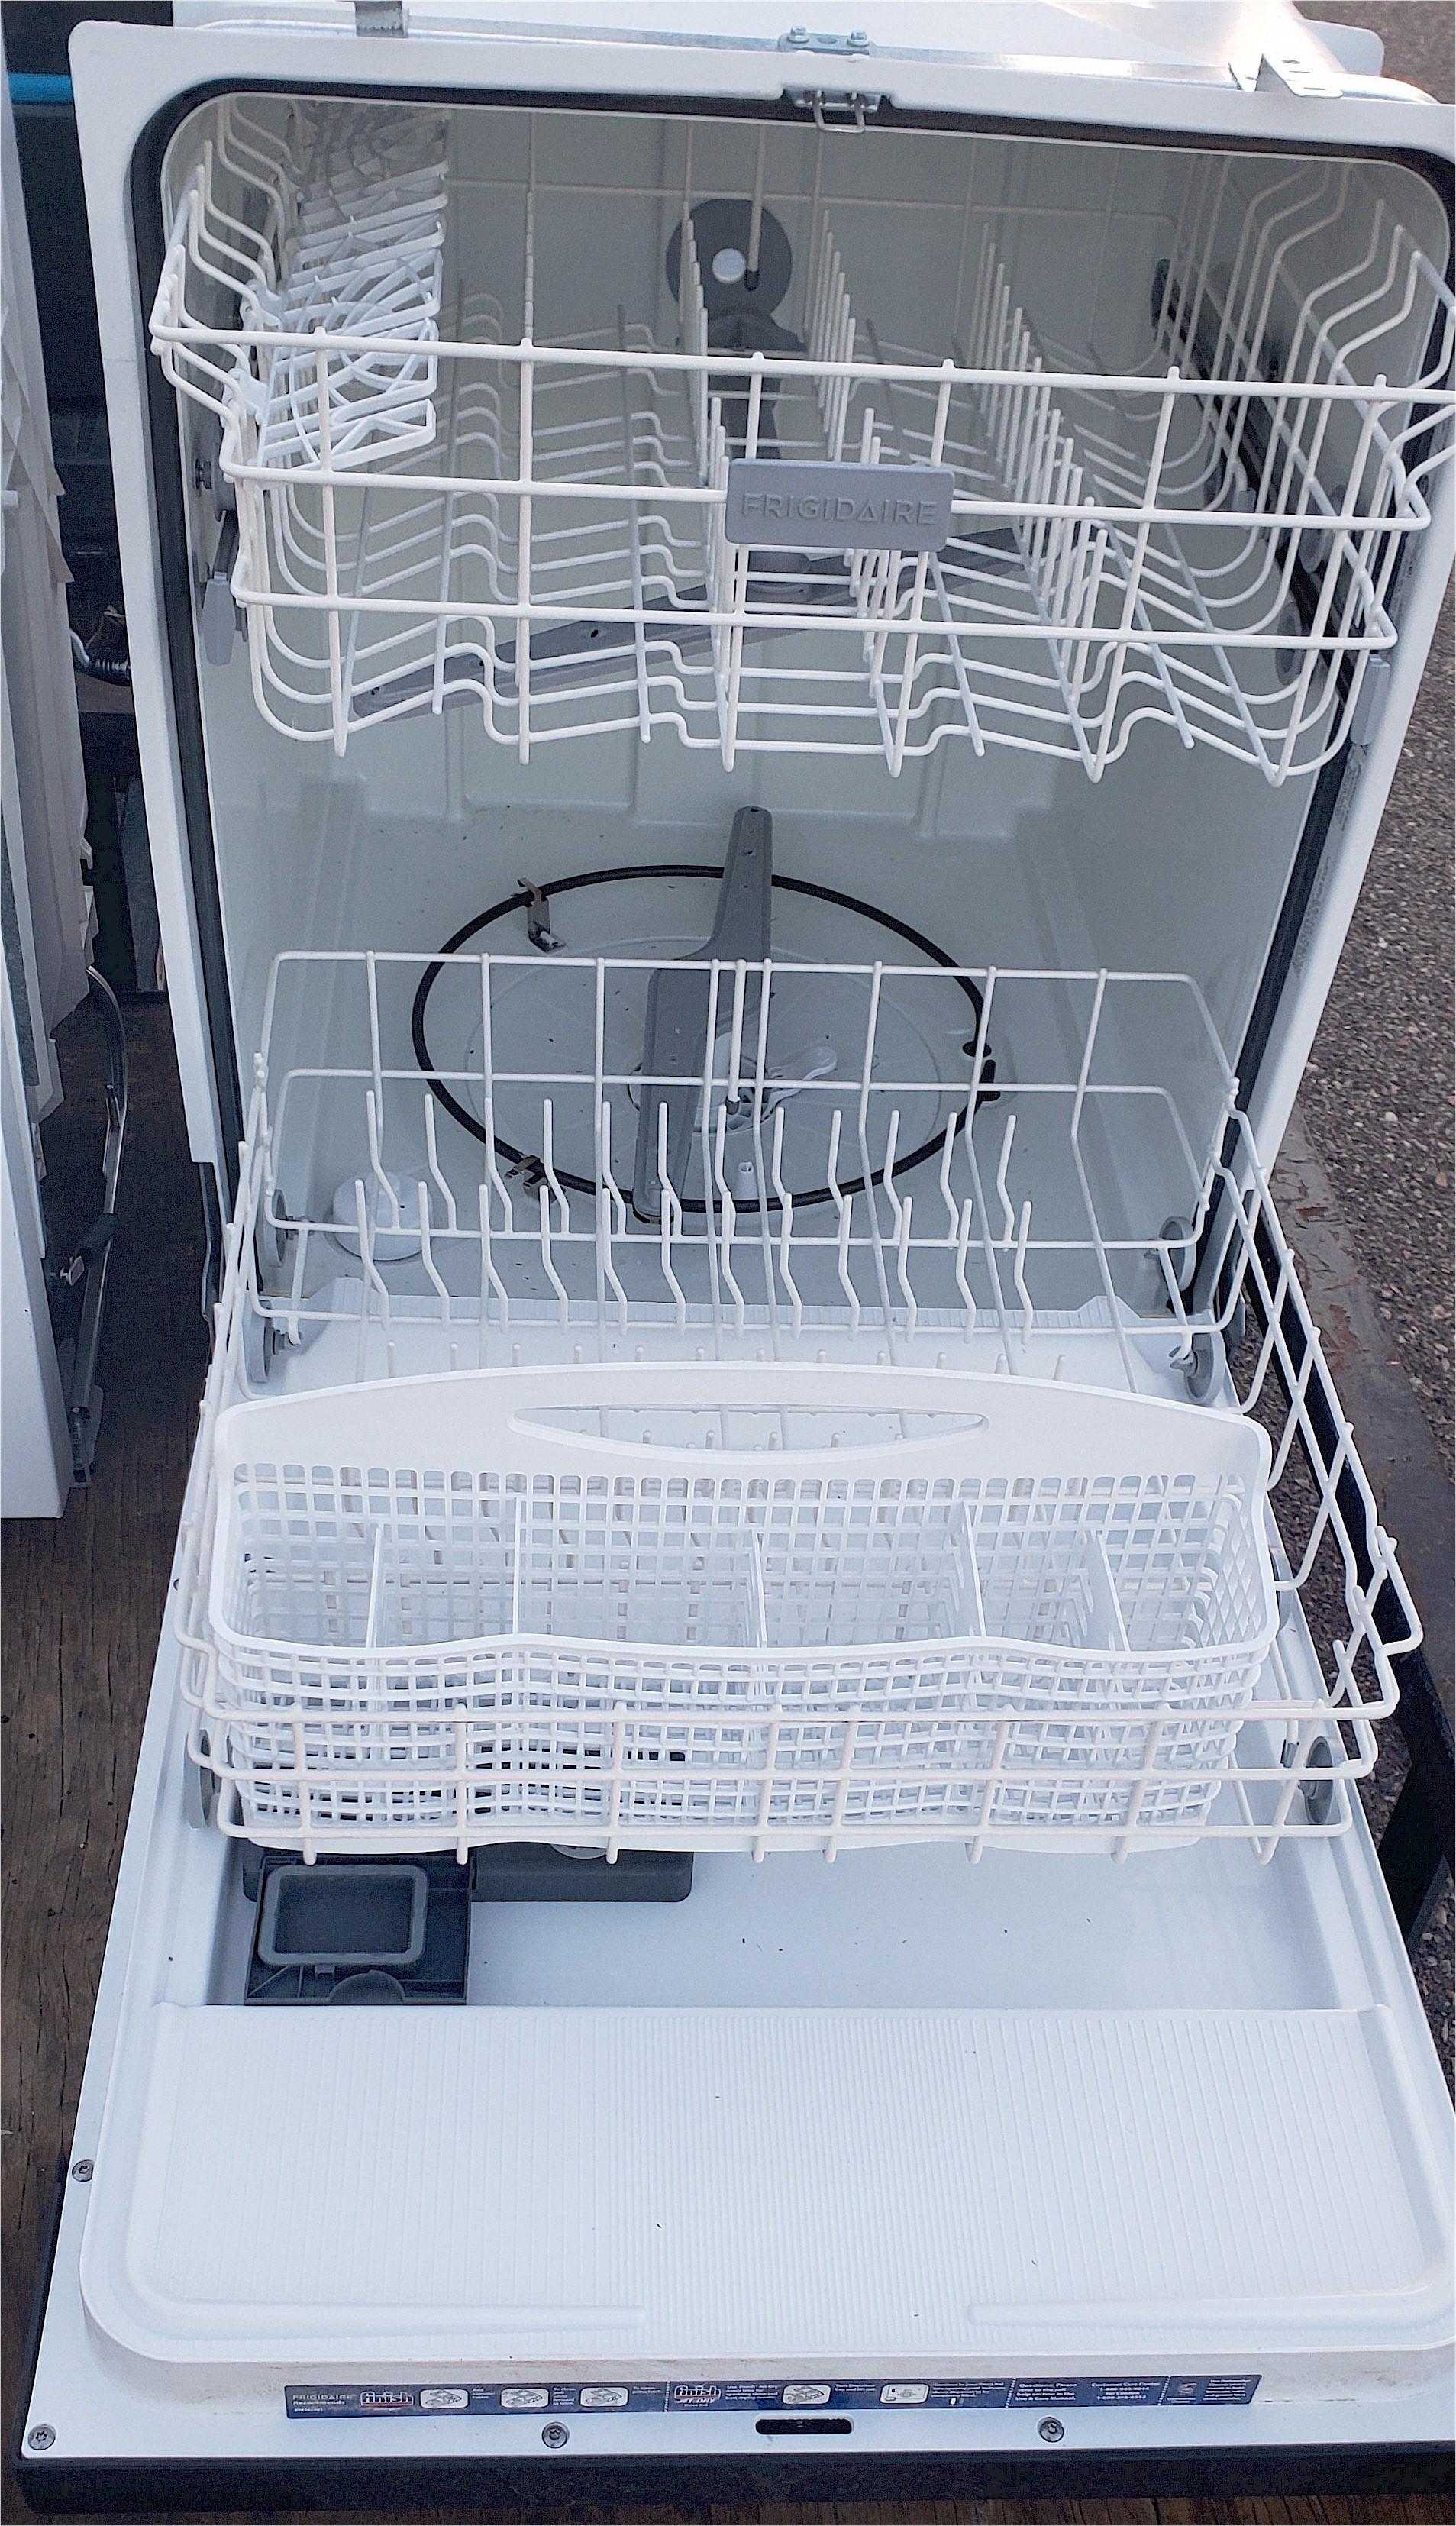 2 Black Frigidaire Dishwasher Inside